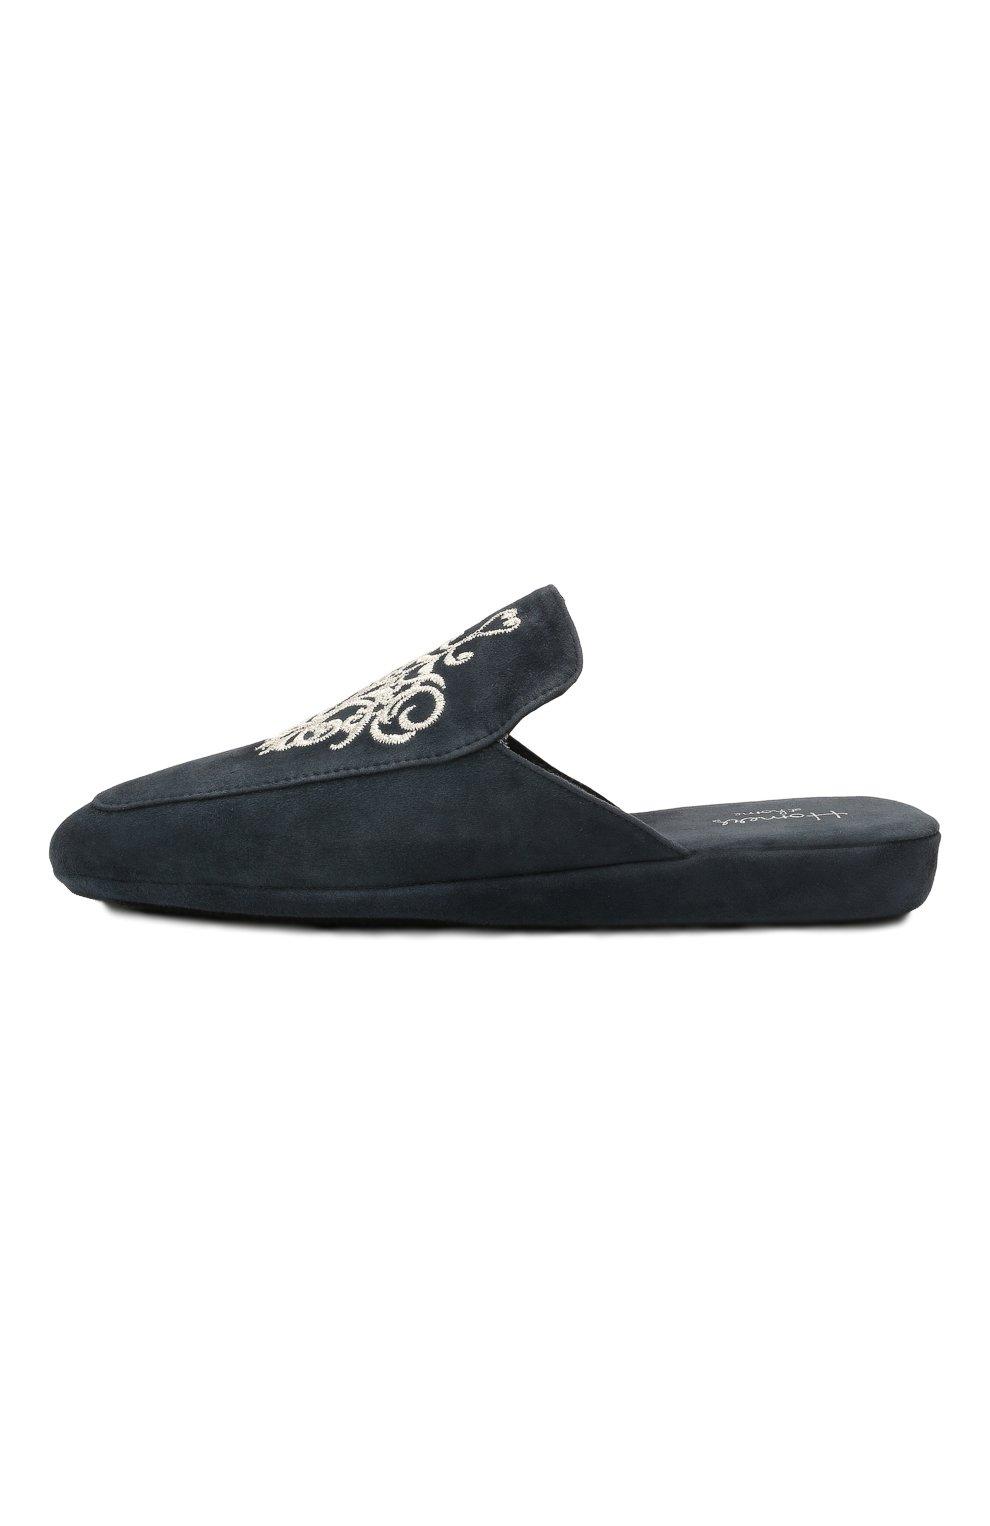 Женского домашние туфли из замши HOMERS AT HOME темно-синего цвета, арт. 18482A/ANTE | Фото 4 (Подошва: Платформа; Материал внутренний: Натуральная кожа; Женское Кросс-КТ: тапочки-домашняя обувь)